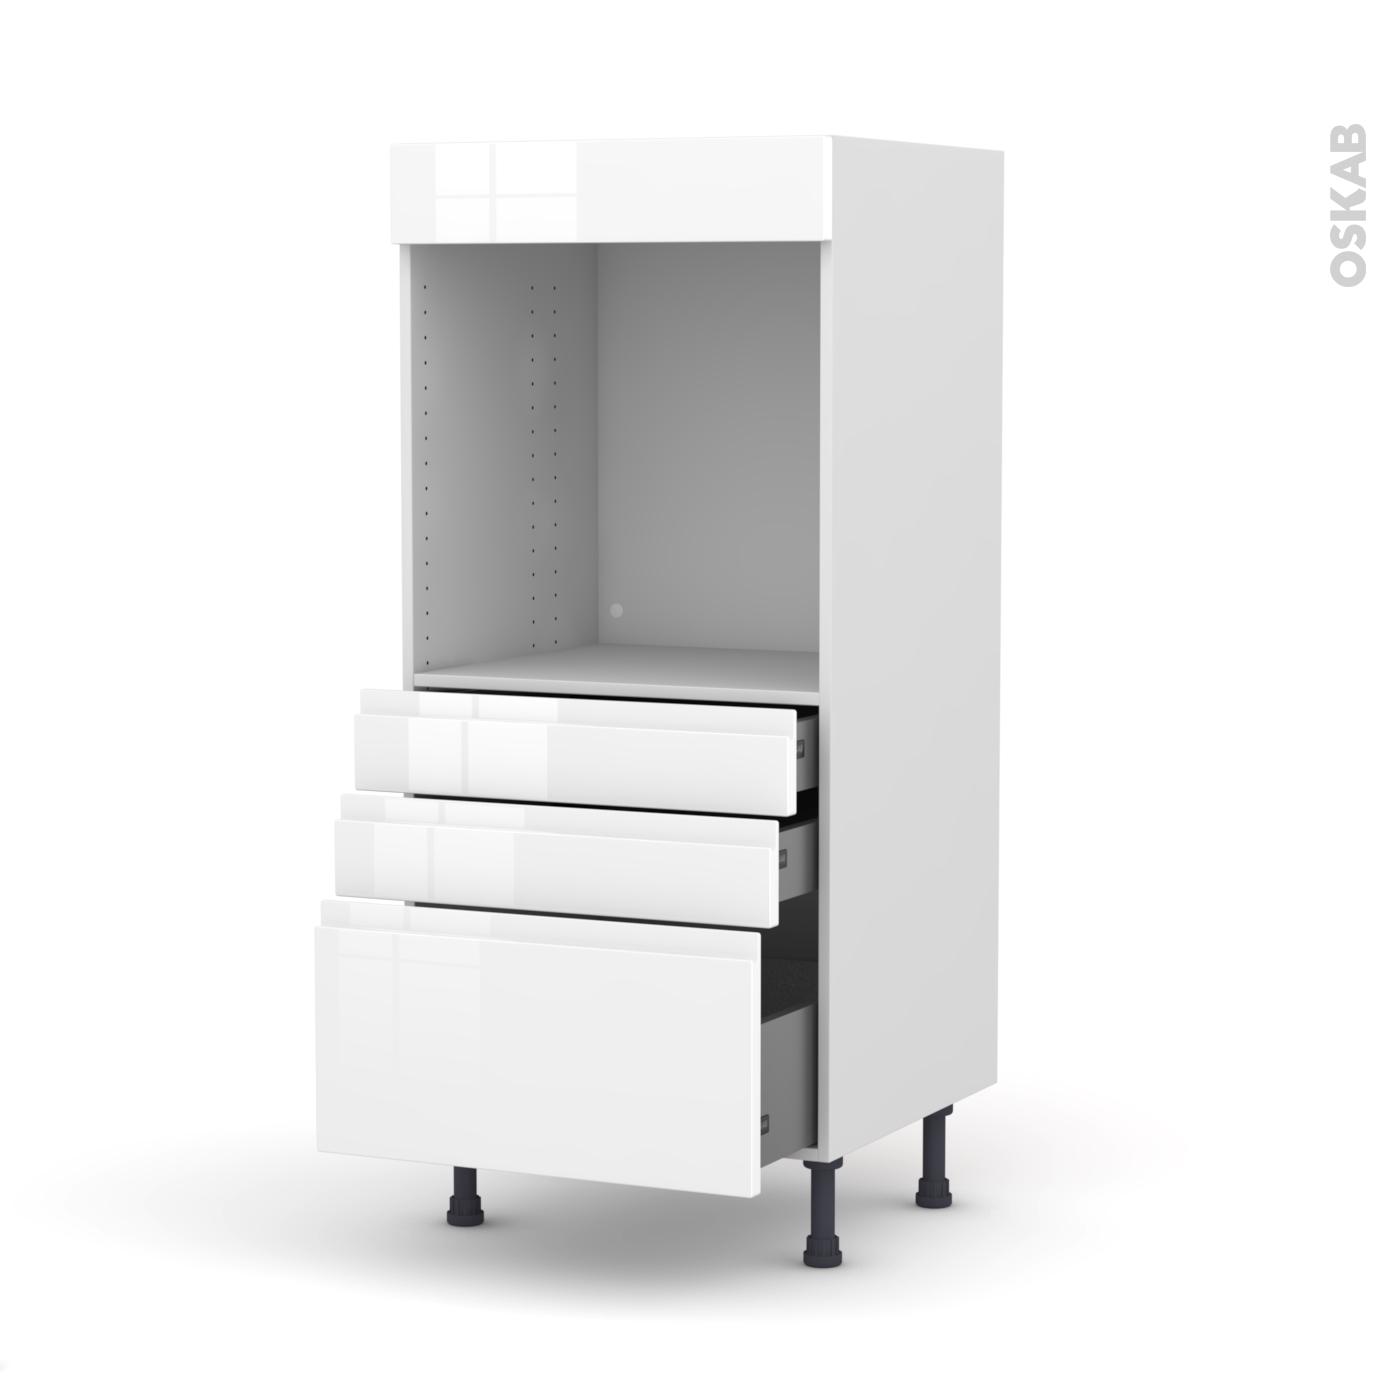 Colonne de cuisine N°11 Four encastrable niche 11 IPOMA Blanc brillant, 11  tiroirs, L11 x H11 x P11 cm